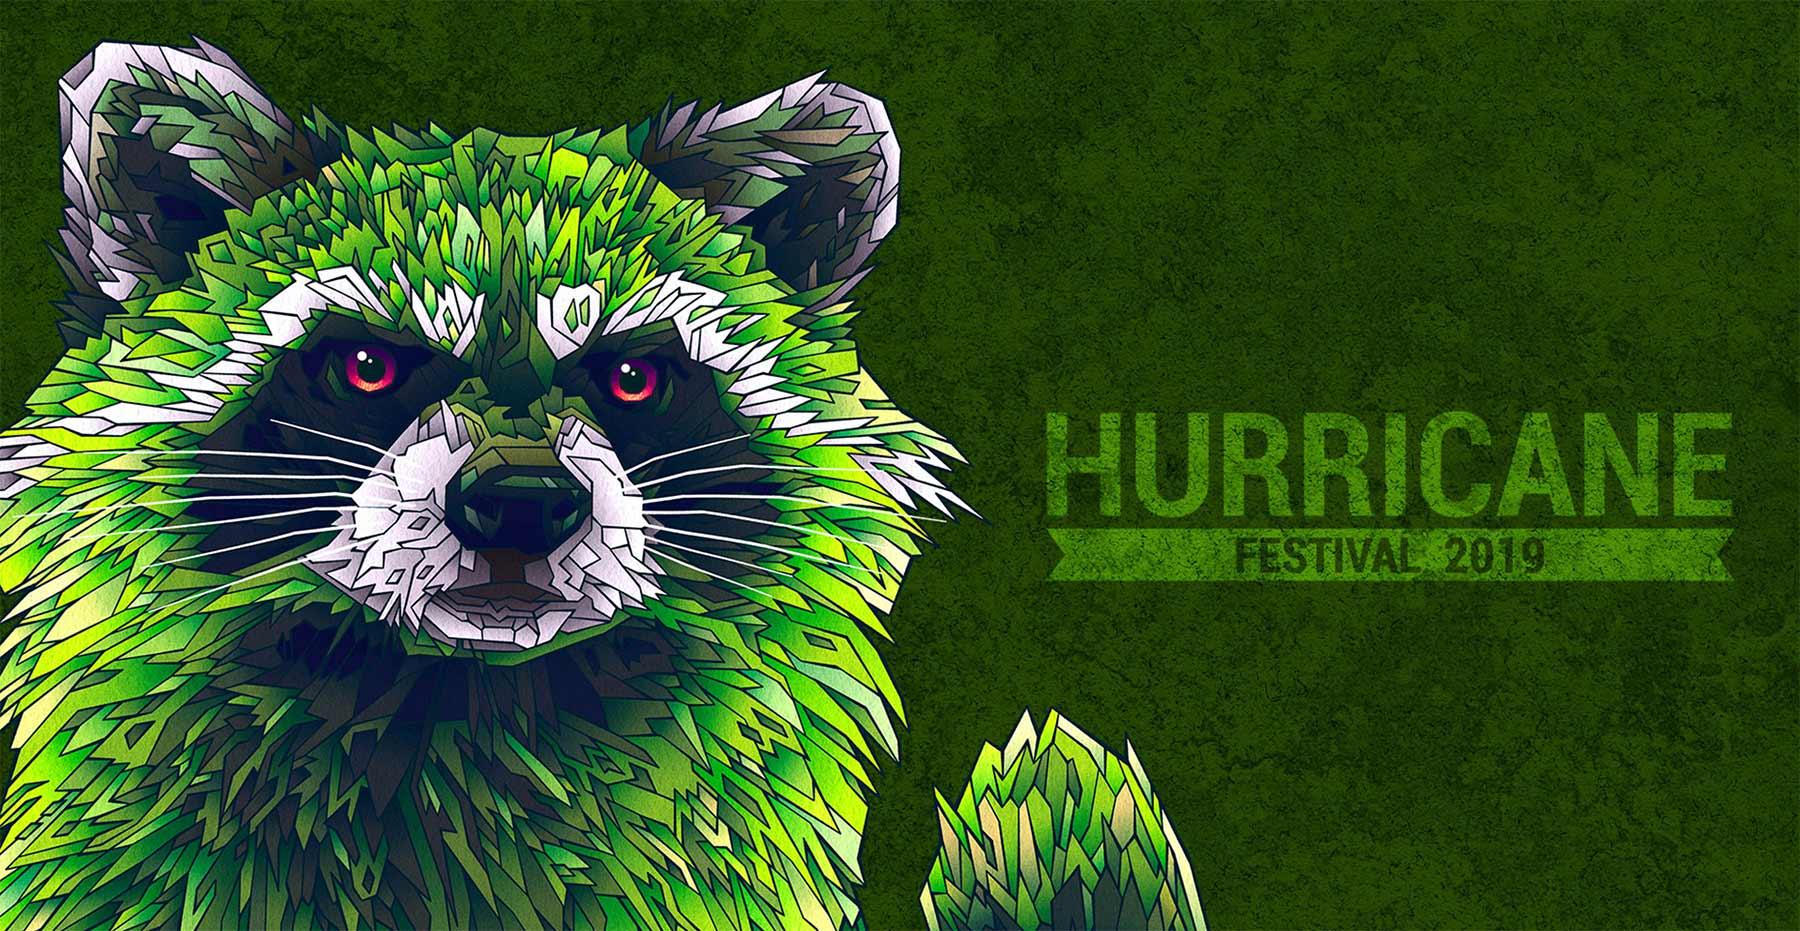 Hurricane Festival 2019: Livestreams von NDR und arte